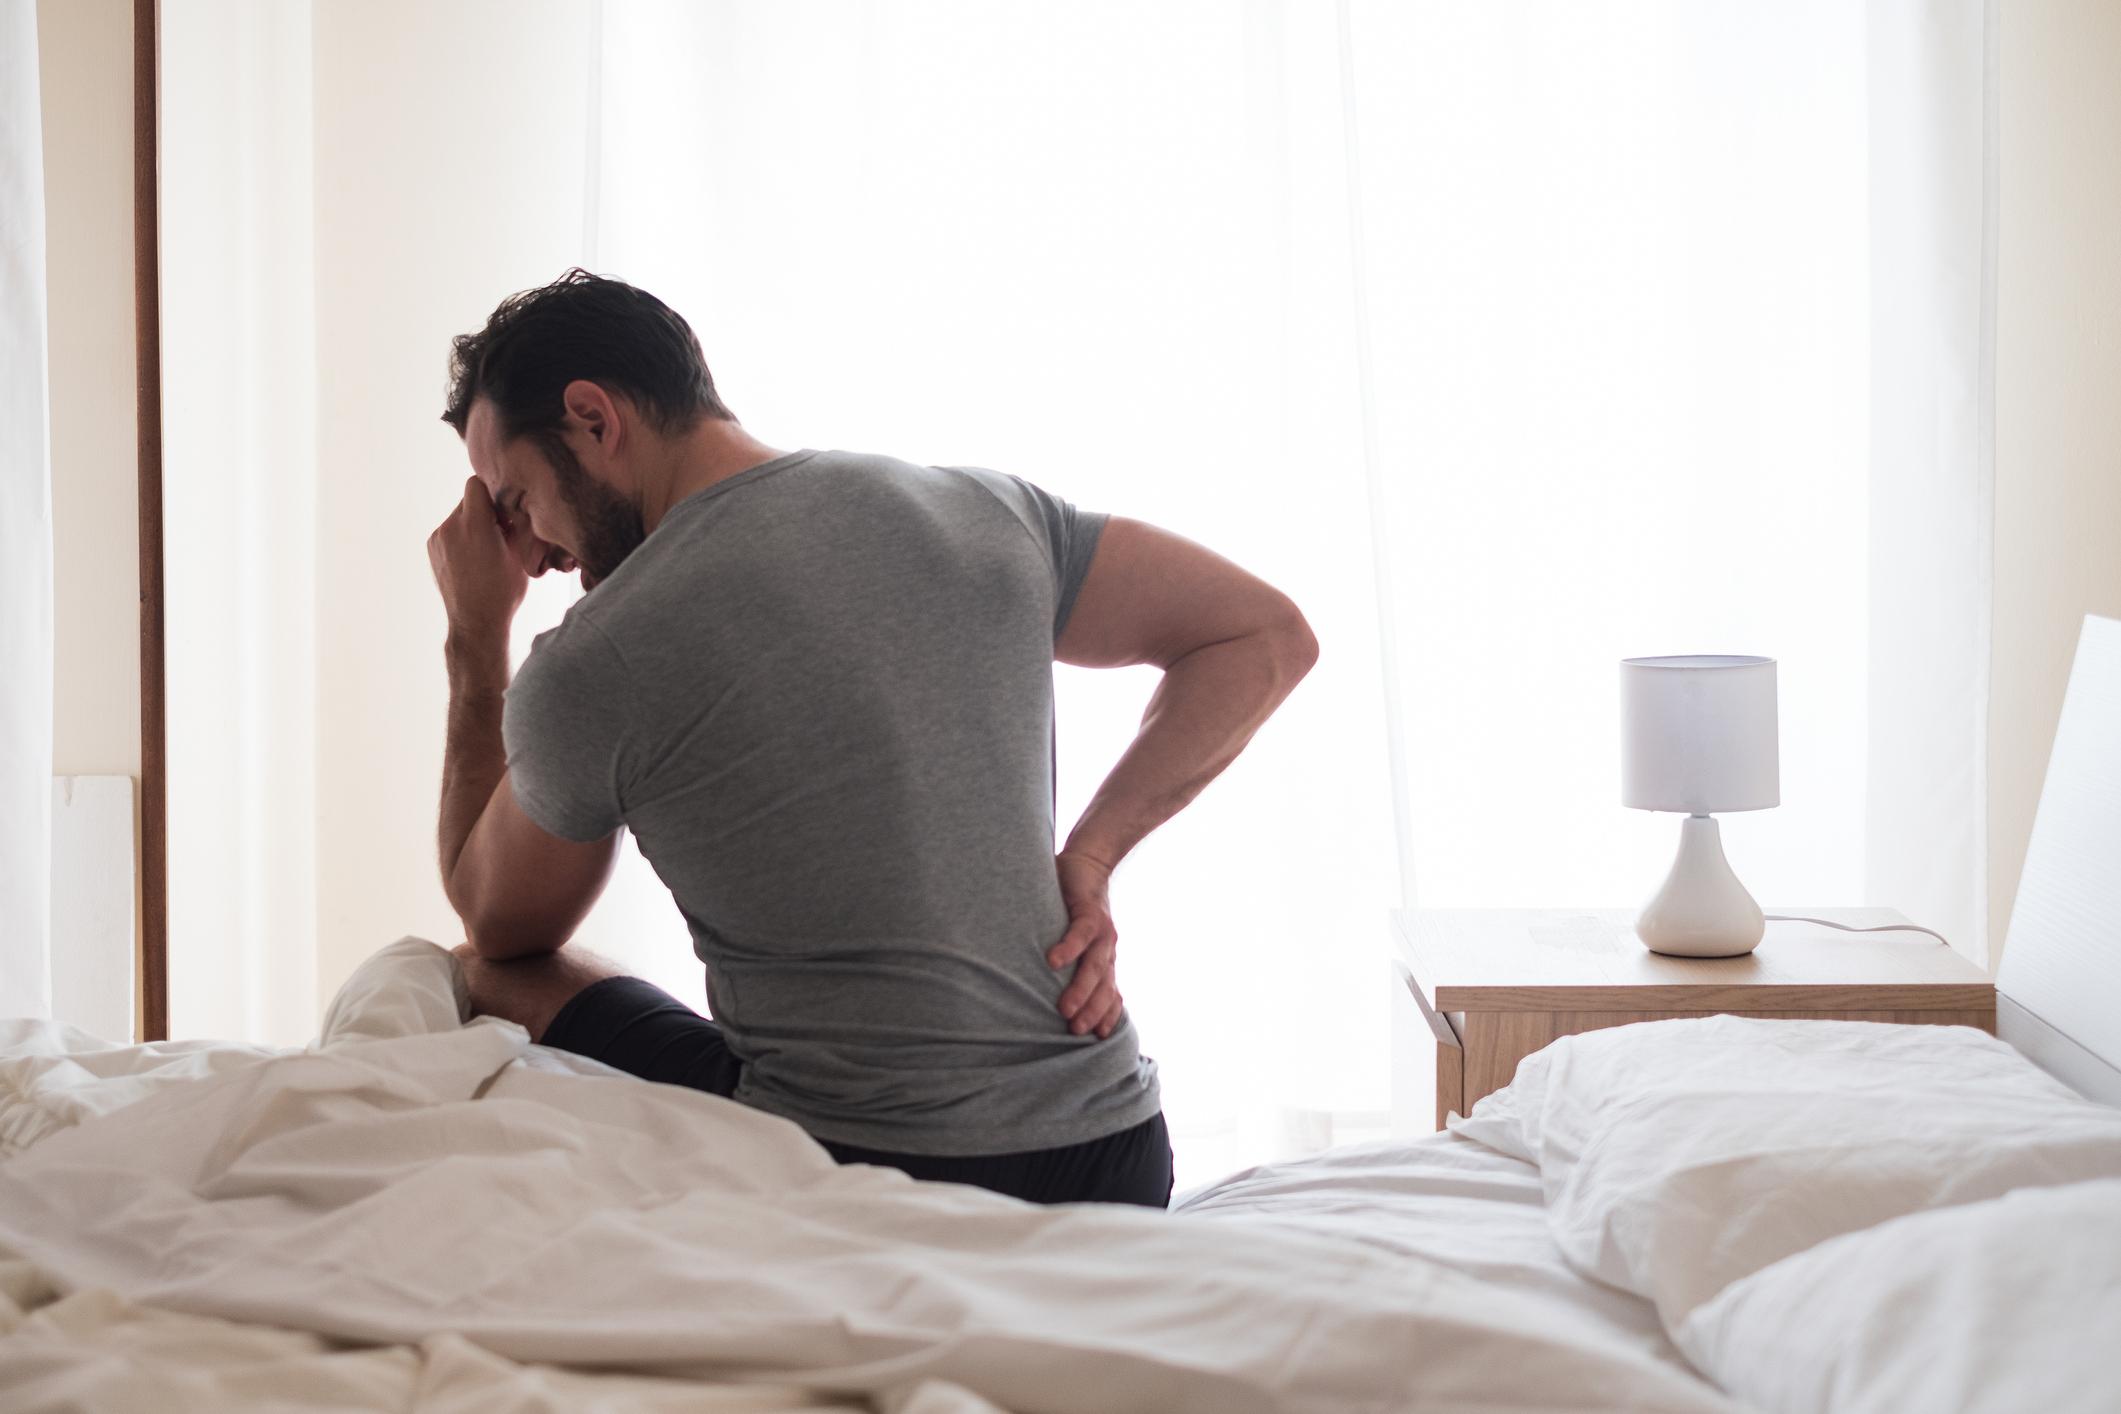 El hombre se despierta por la mañana y sufre de dolor de espalda